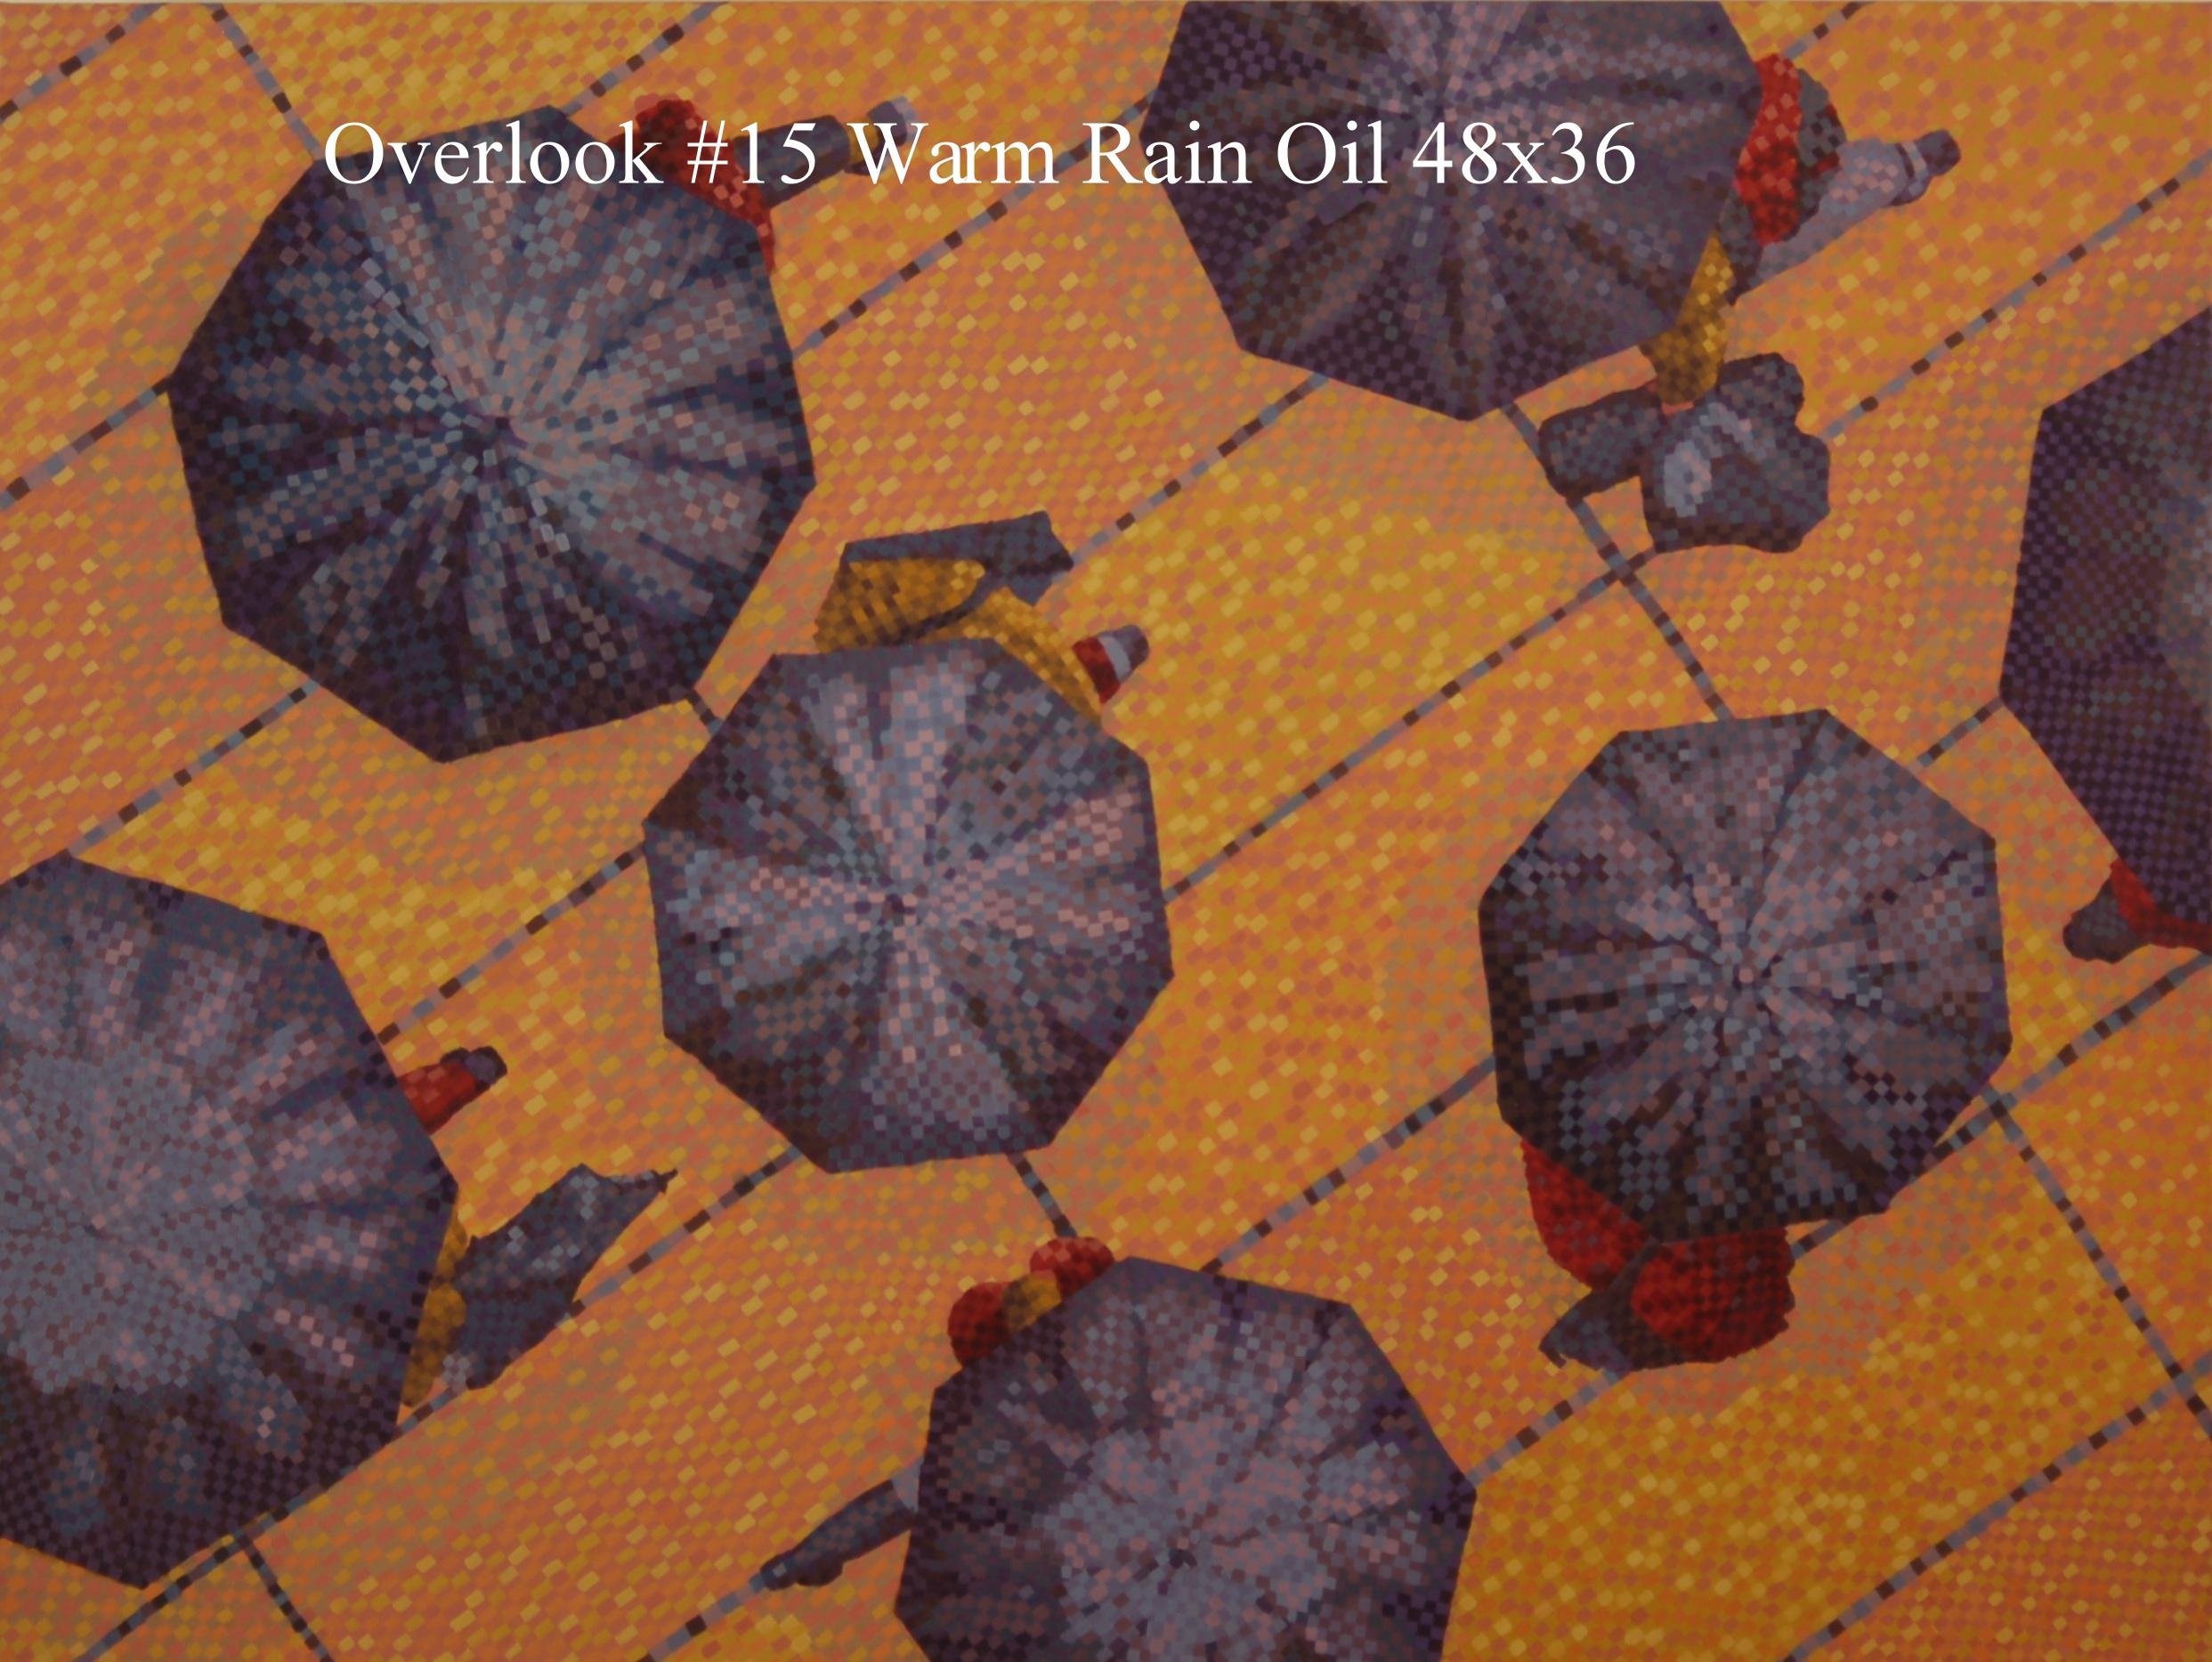 Overlook #15 Warm Rain view 1.jpg